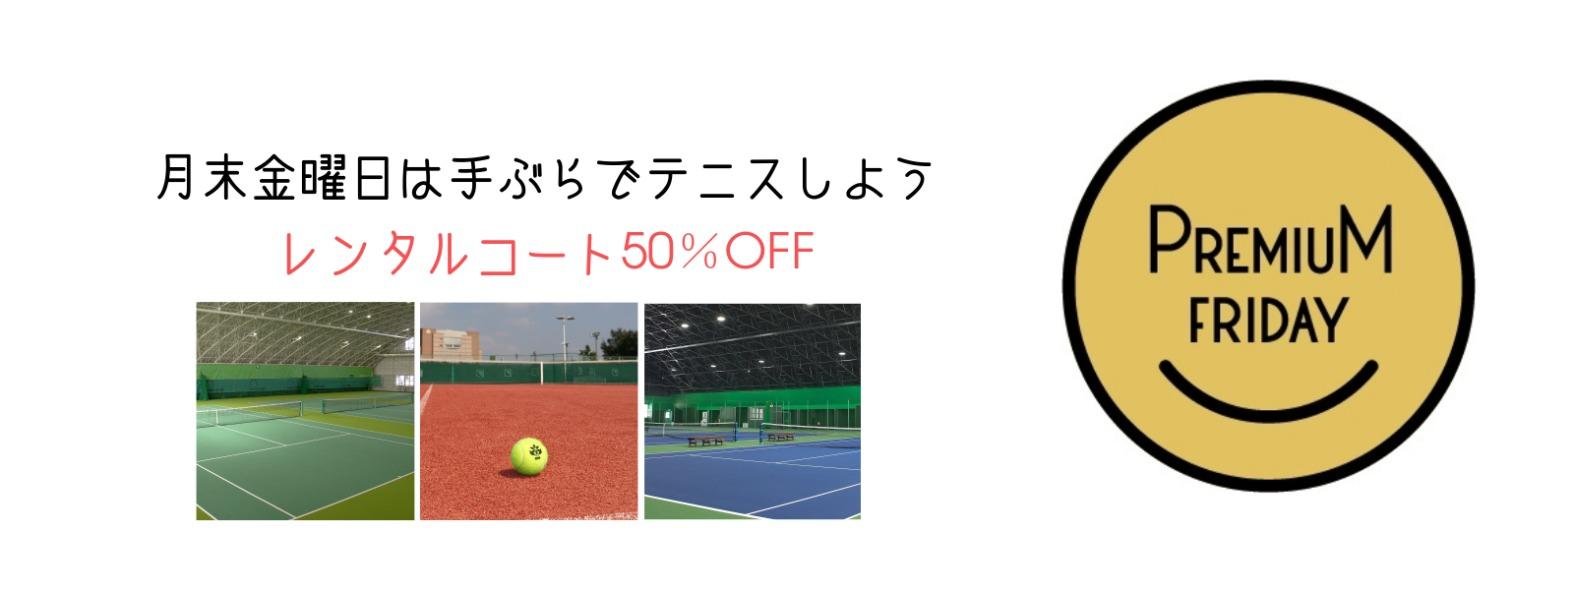 レンタルコート50%OFF プレミアムフライデー 昭和の森テニスセンター(東京都昭島市)